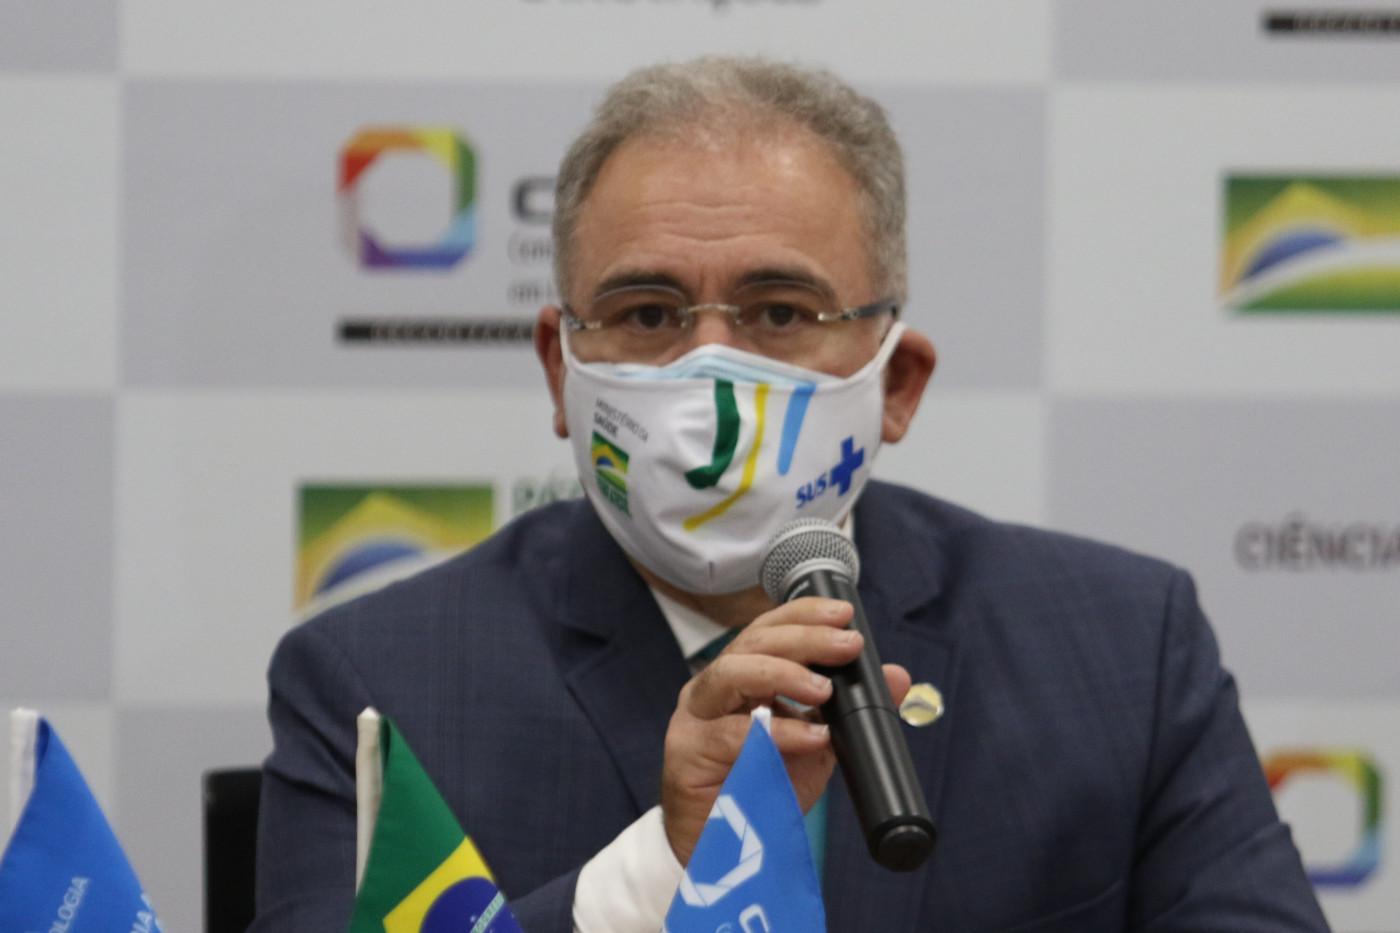 O ministro da Saúde, Marcelo Queiroga, durante pronunciamento